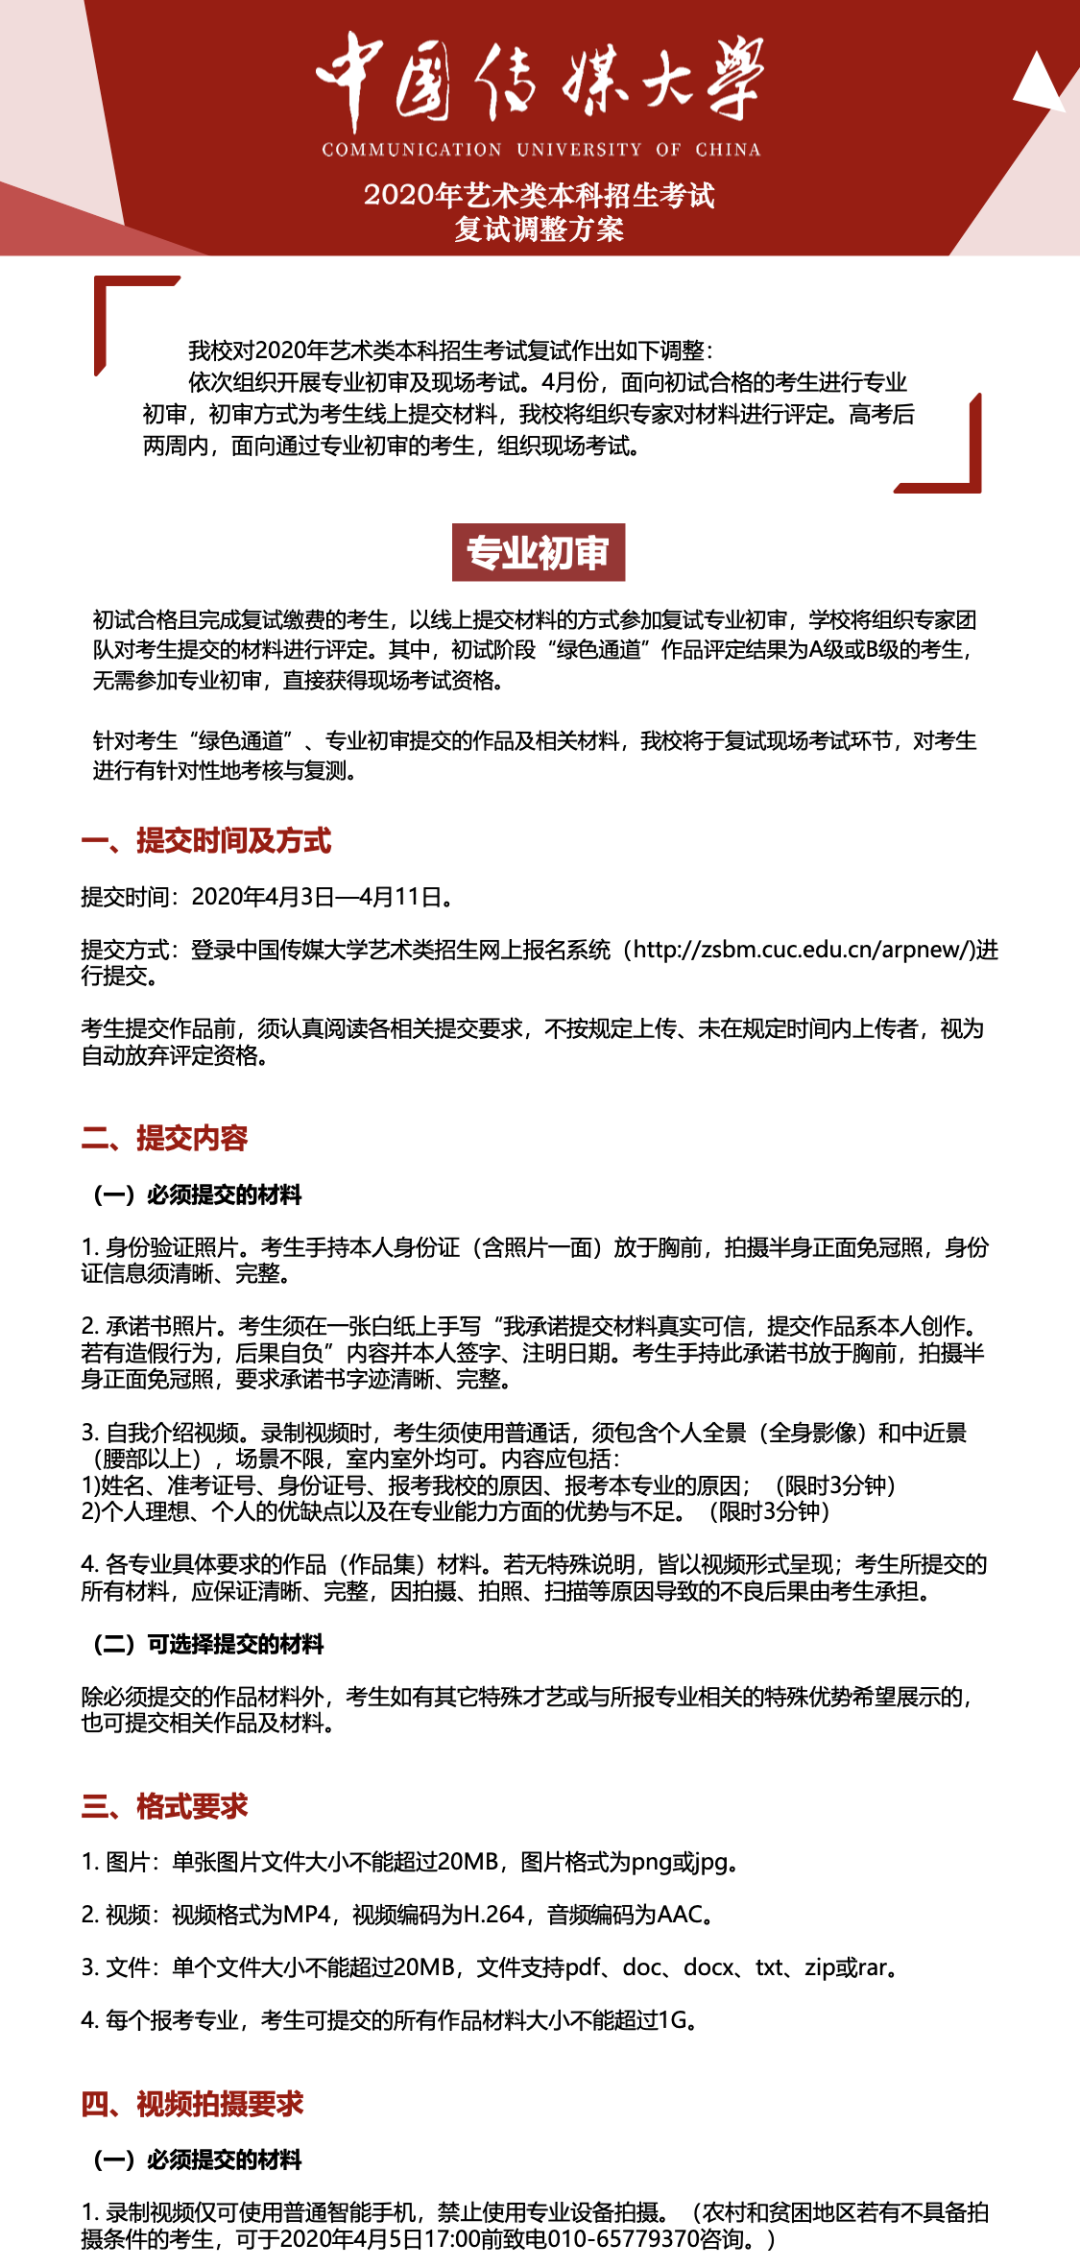 杭州画室,中国传媒大学,杭州艺考画室,03